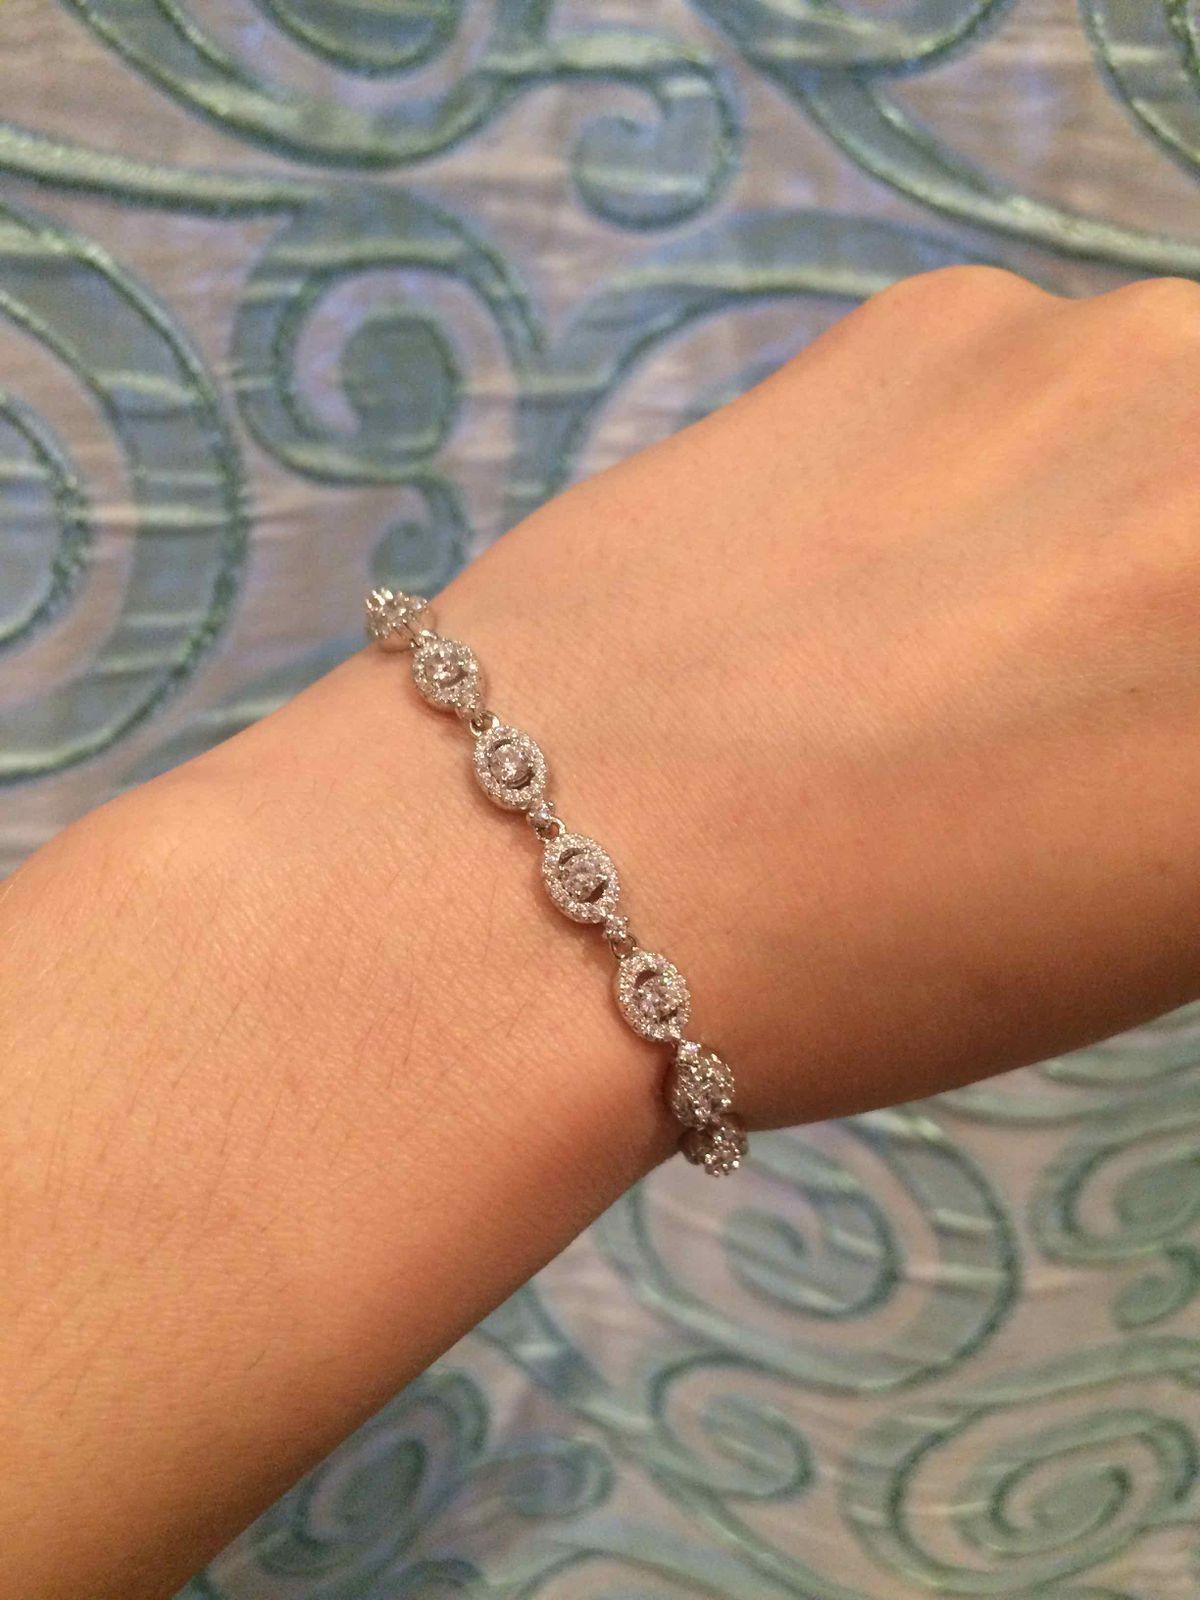 Сверкающий серебряный браслет с фианитами - замечательный подарок!